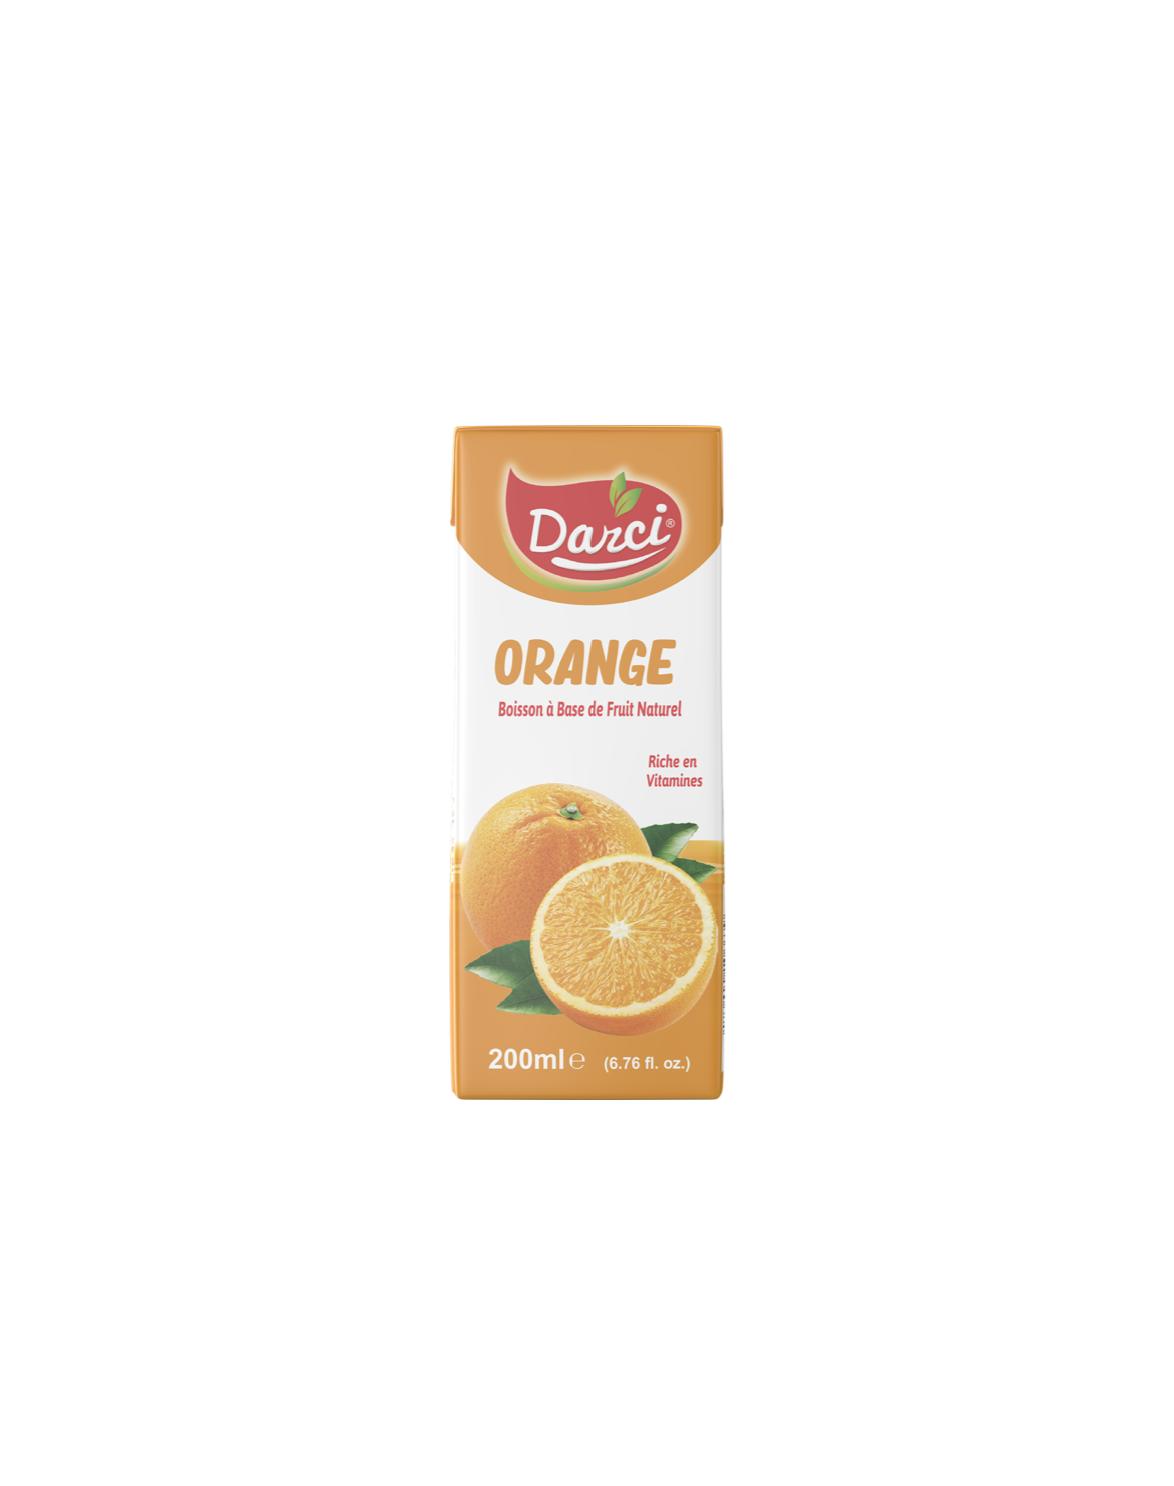 Boisson-DARCI-Orange-200ml_siprochim